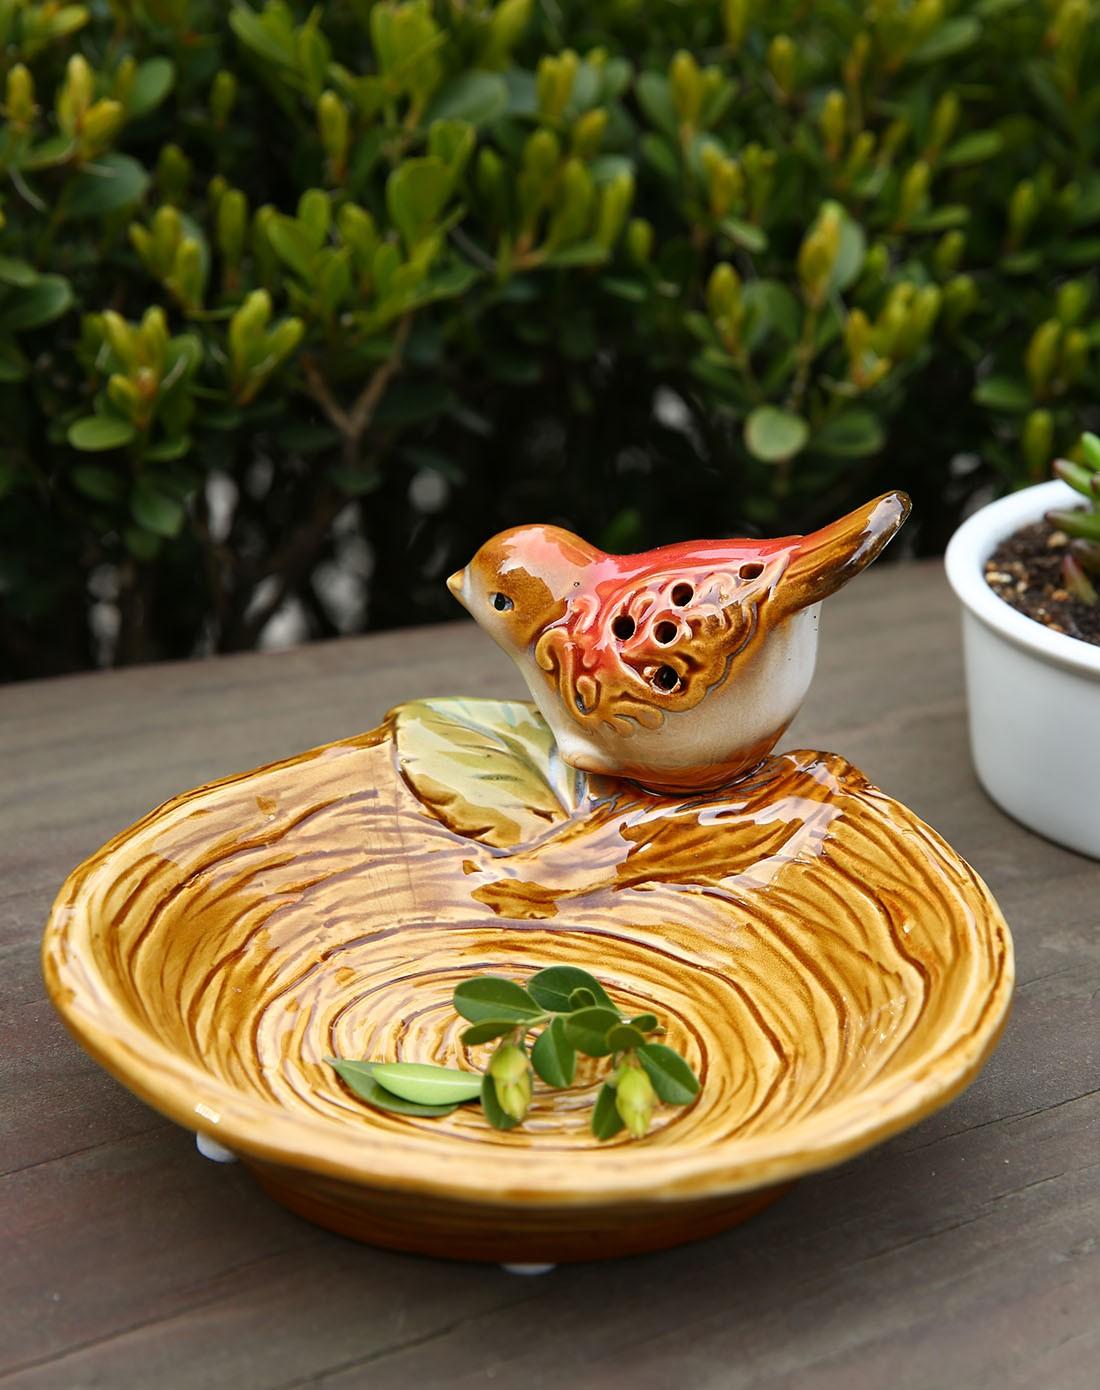 雅工坊欧式纯手工浅浮雕陶瓷果盘-小鸟蹲桩900200101图片